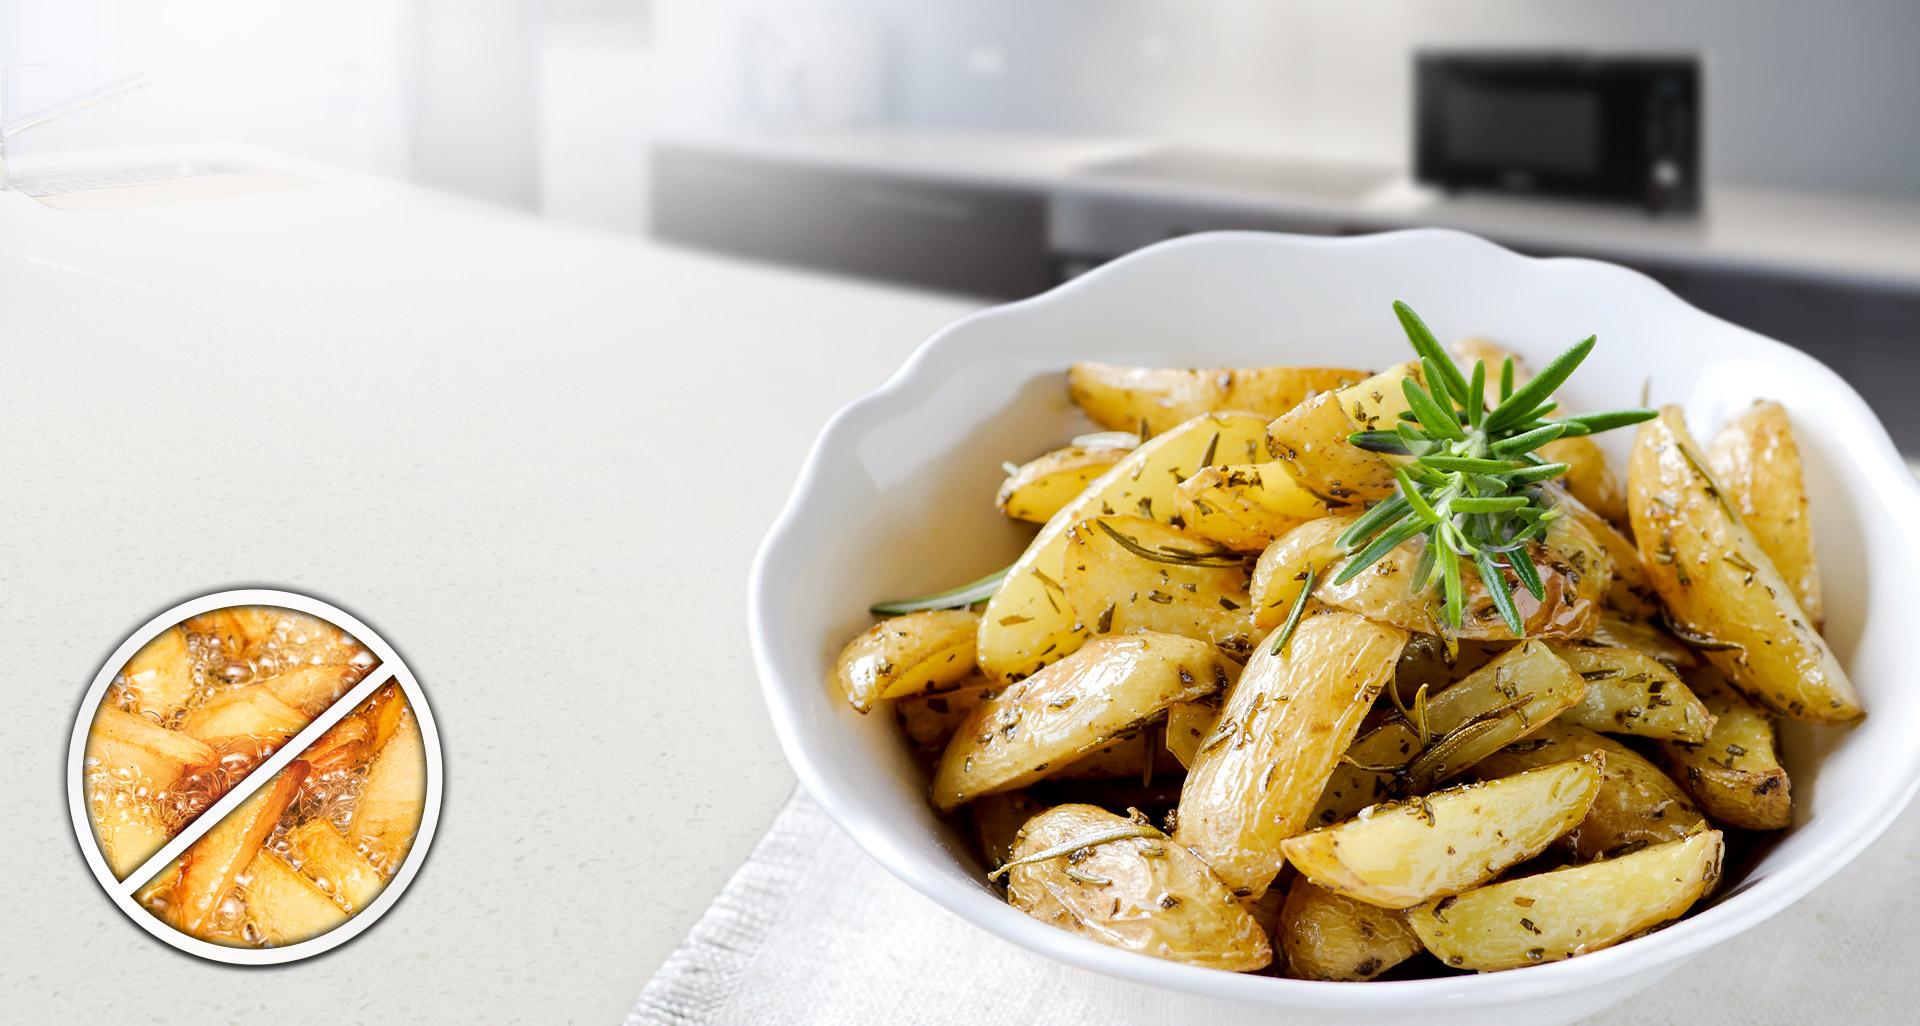 Оцените вкус здоровых жареных блюд